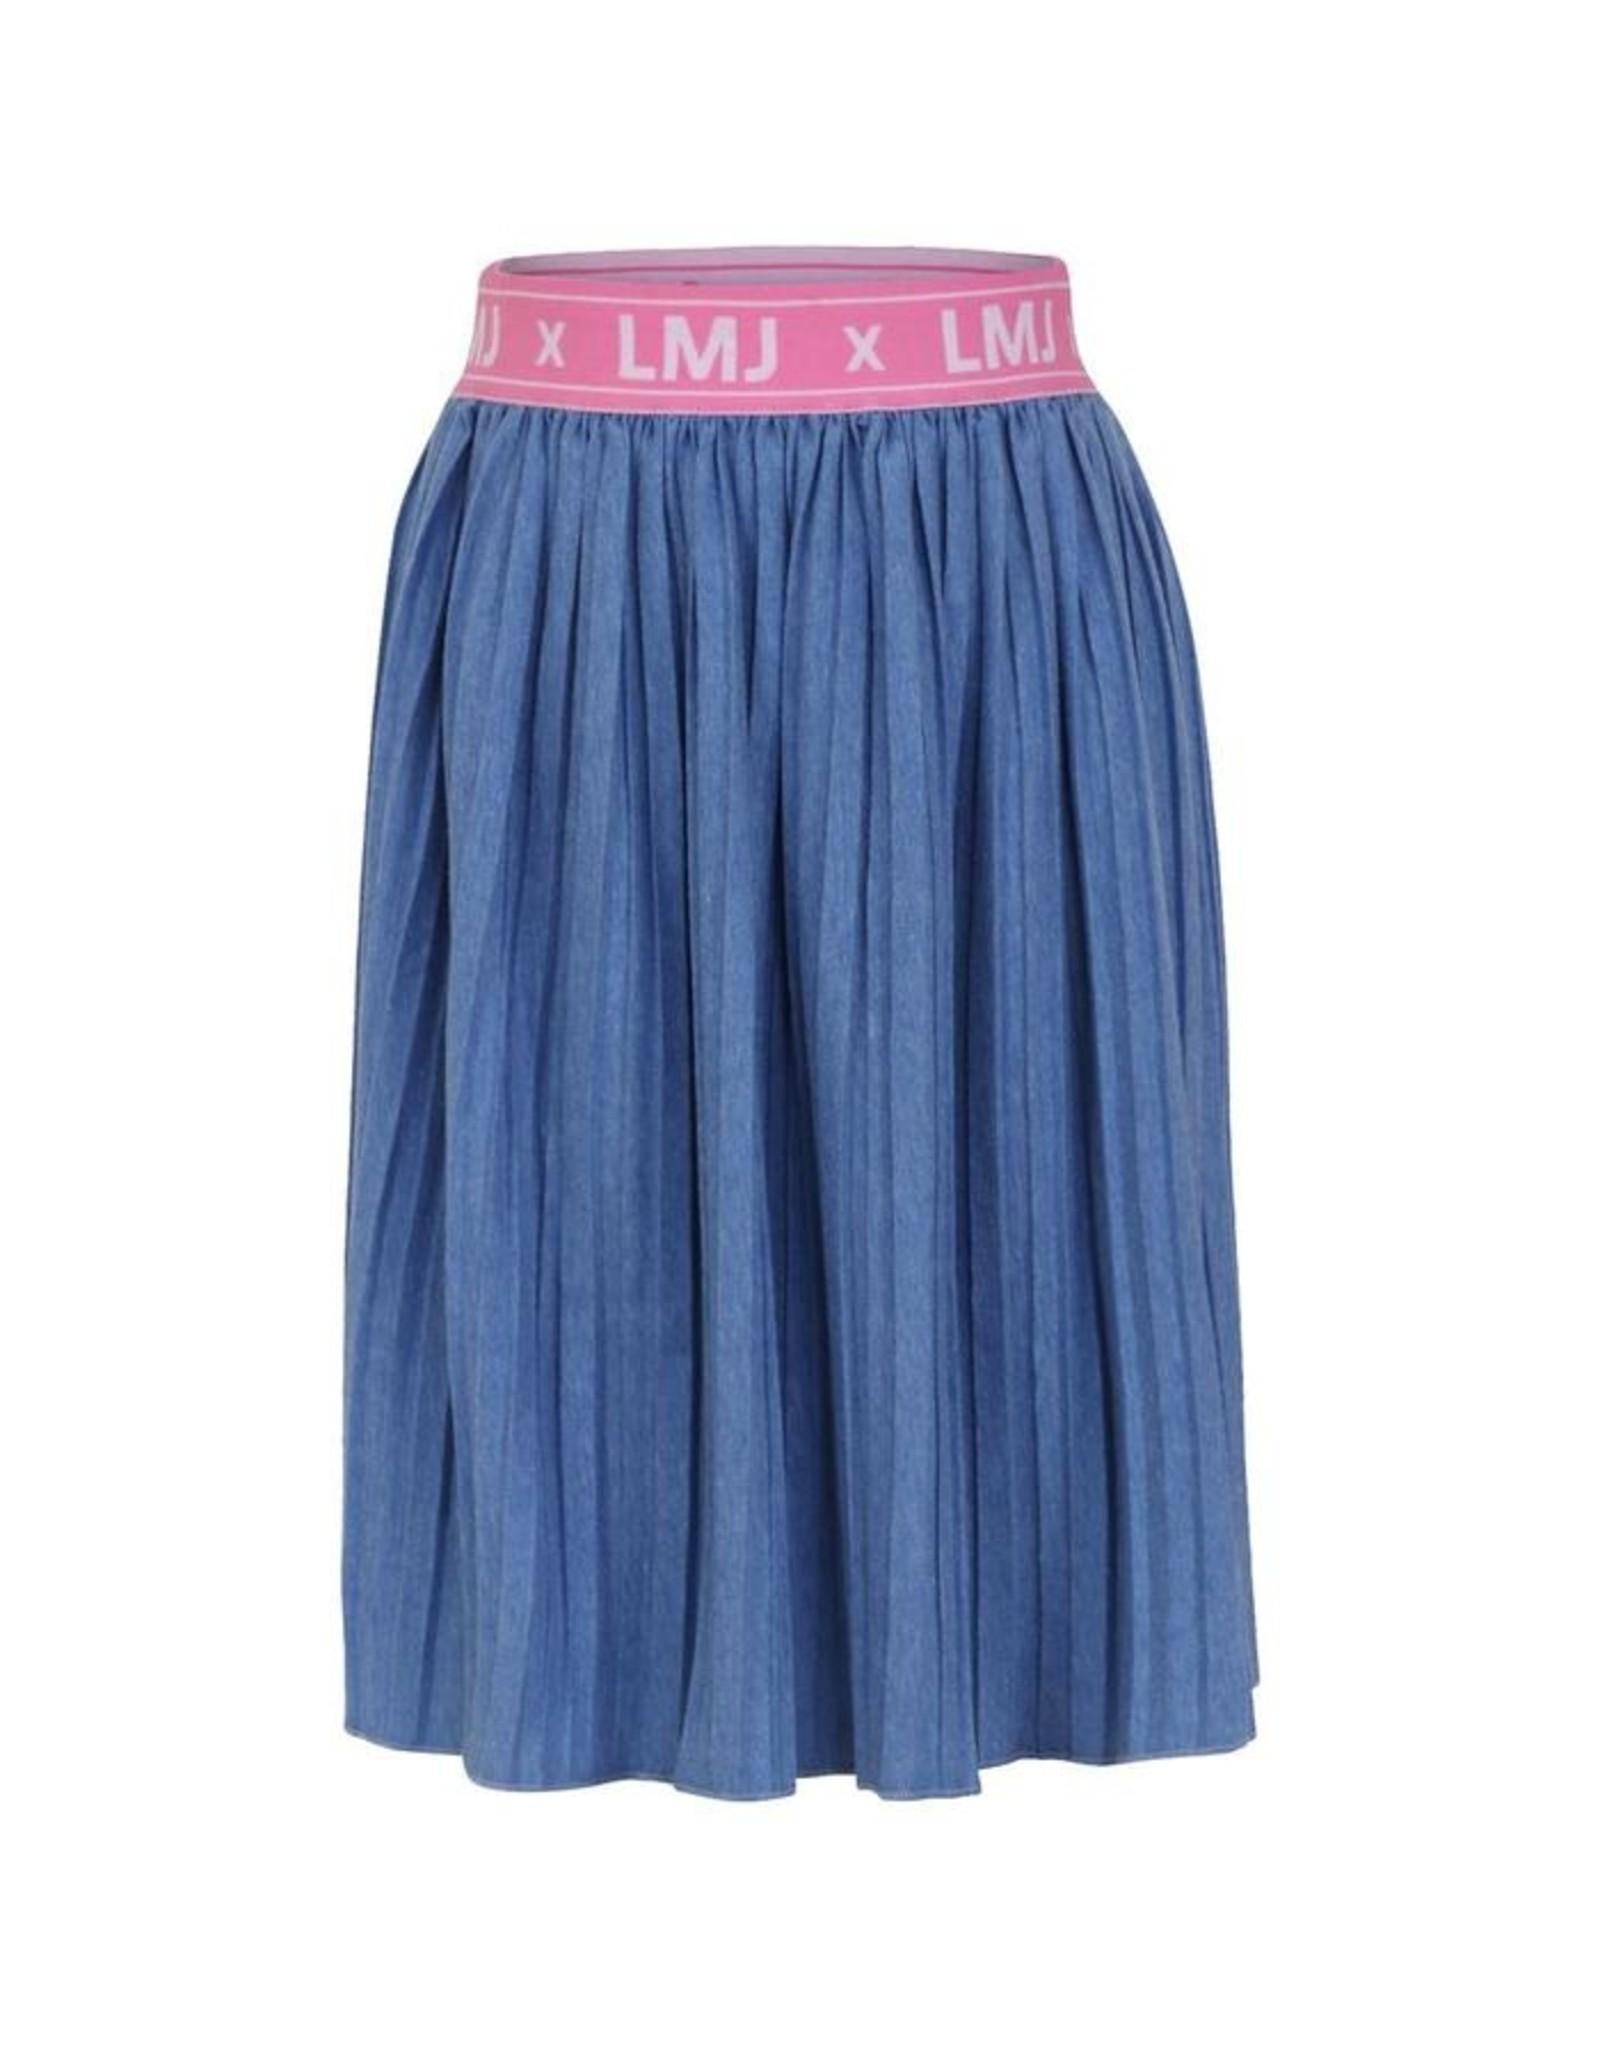 Little Miss Juliette Plissé Skirt, BLU